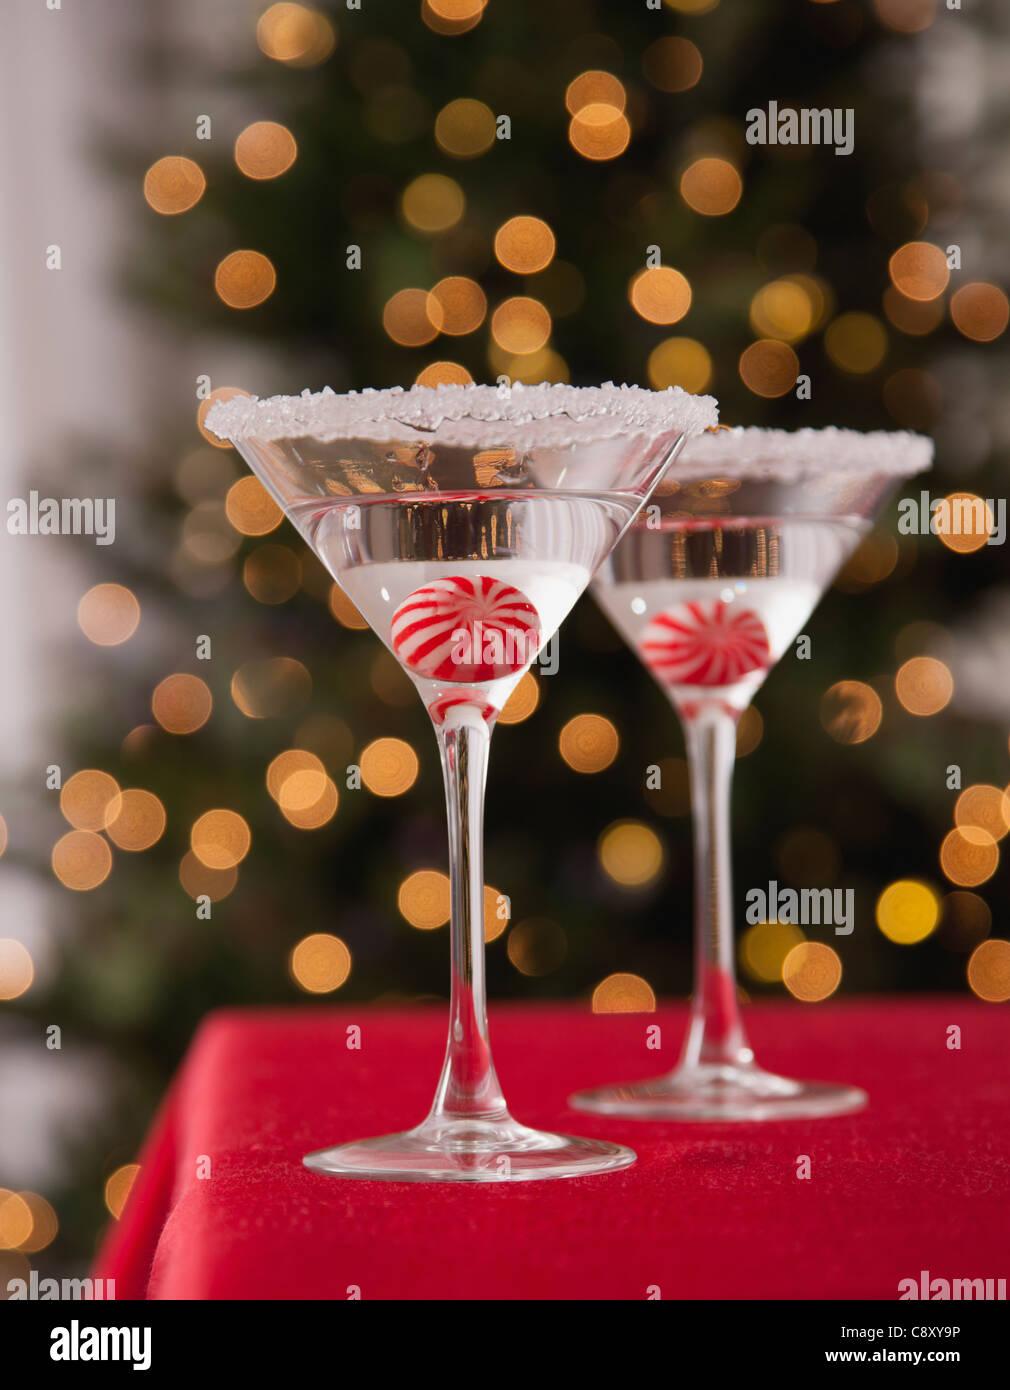 Stati Uniti d'America, Illinois, Metamora, bicchieri da Martini con caramelle all'interno contro illuminato Immagini Stock